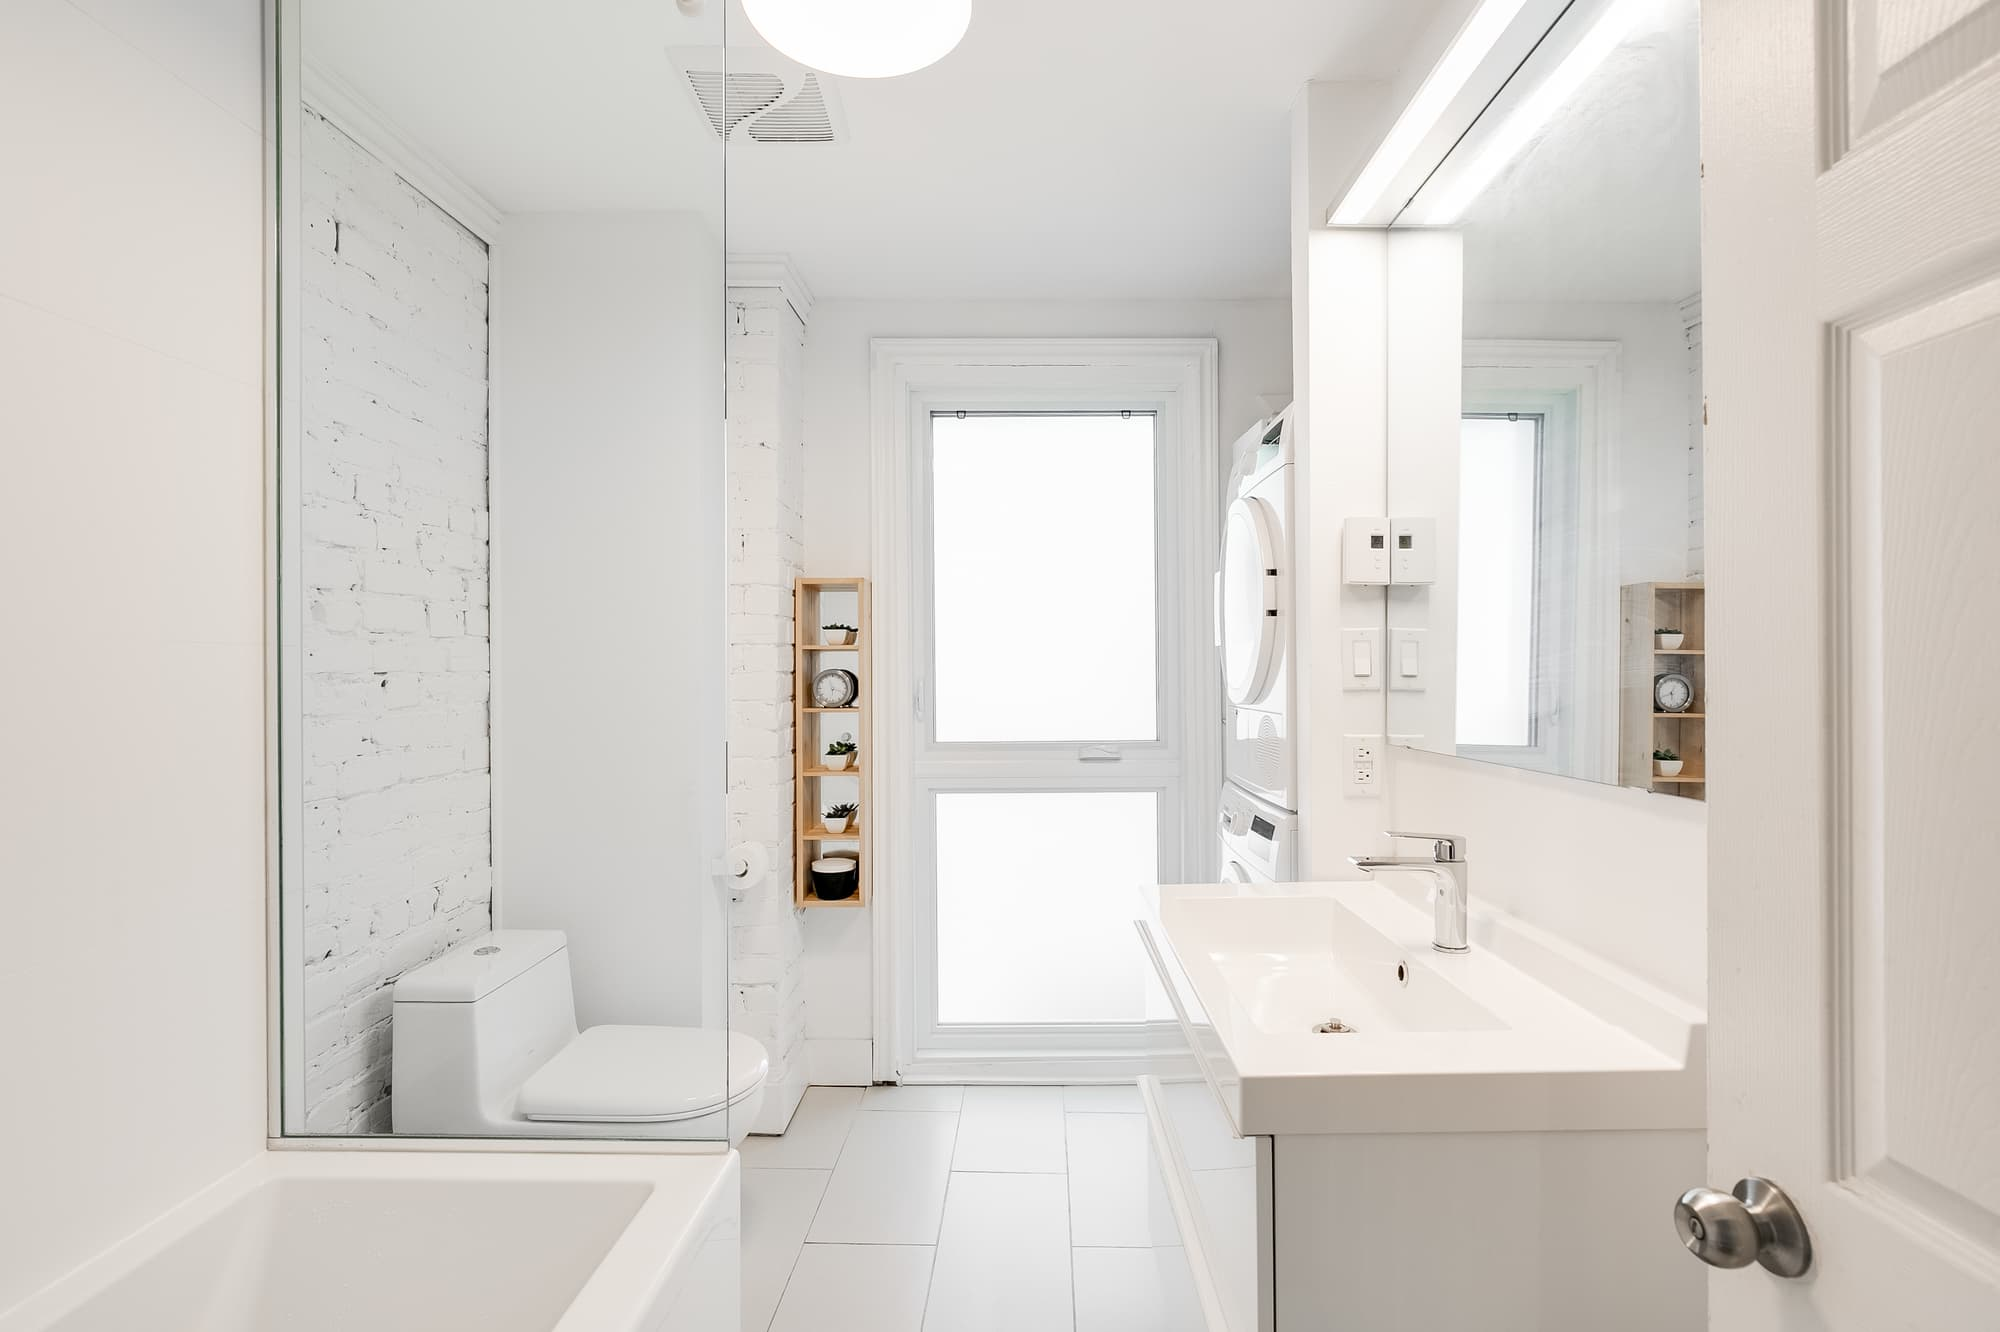 Salle De Bain Brique idée de salle de bain moderne blanche | photos + prix rénovation